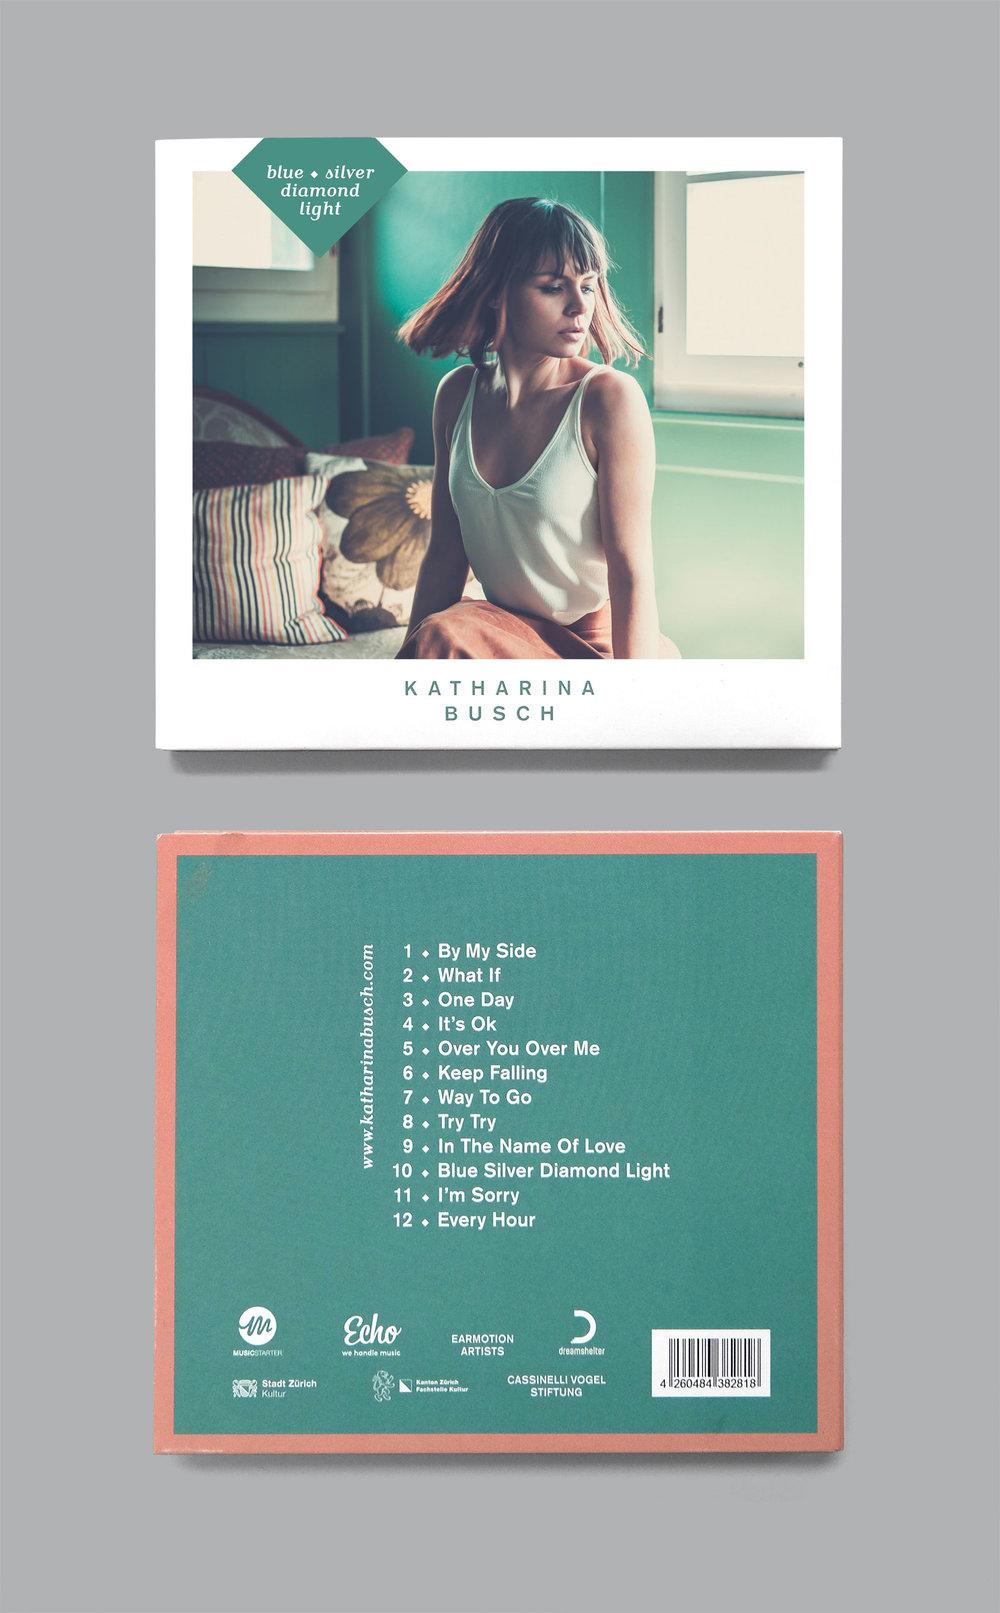 CD_front_back.jpg